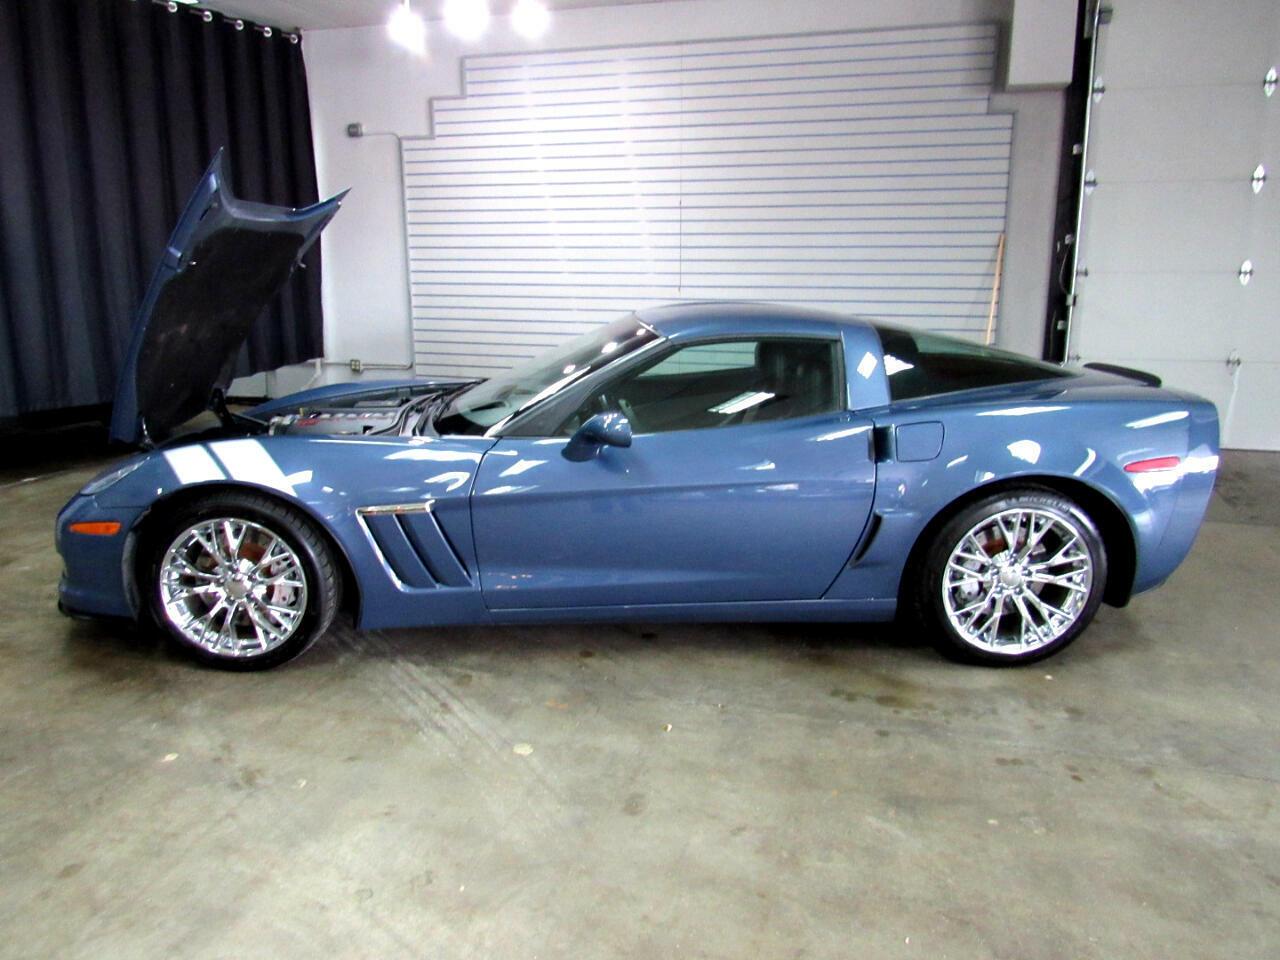 2011 Blue Chevrolet Corvette Coupe 3LT   C6 Corvette Photo 2